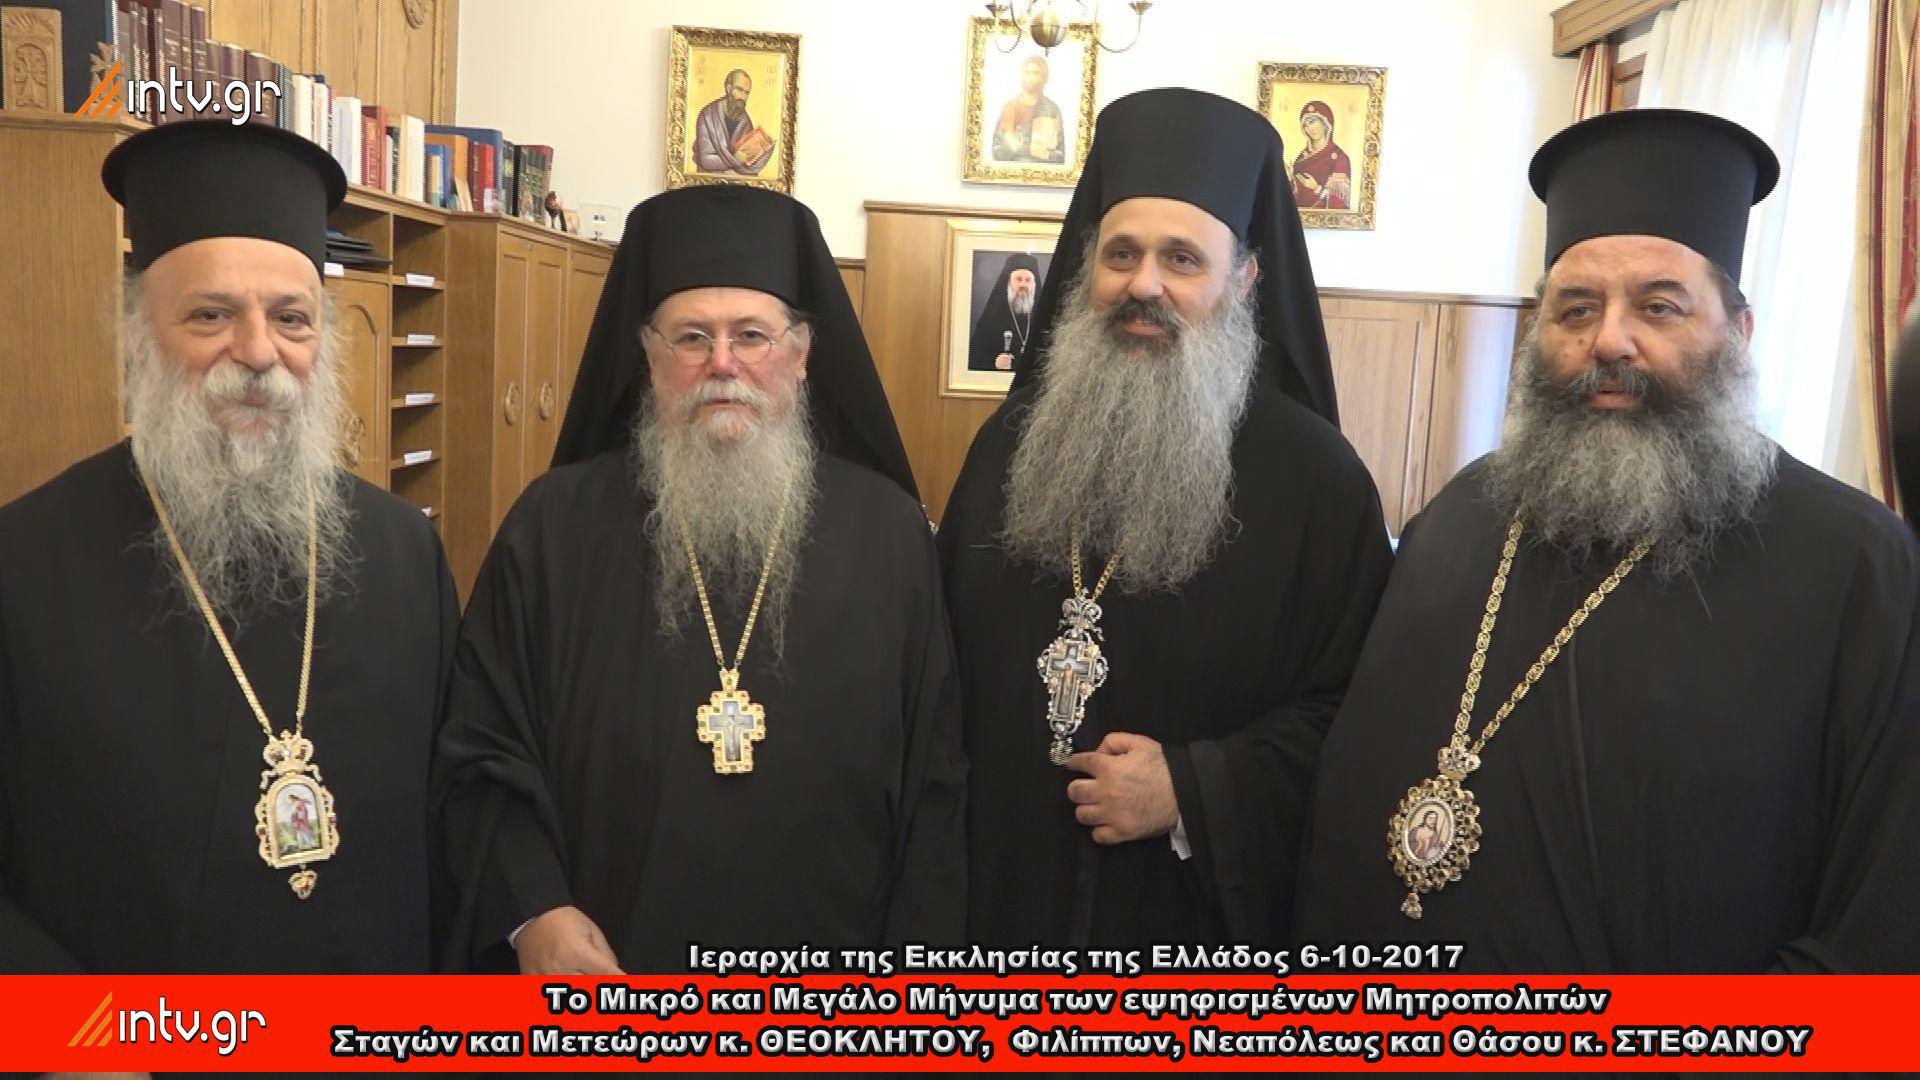 Ιεραρχία της Εκκλησίας της Ελλάδος 6-10-2017 Το Μικρό και Μεγάλο Μήνυμα των εψηφισμένων Μητροπολιτών Σταγών και Μετεώρων κ. ΘΕΟΚΛΗΤΟΥ,  Φιλίππων, Νεαπόλεως και Θάσου κ. ΣΤΕΦΑΝΟΥ